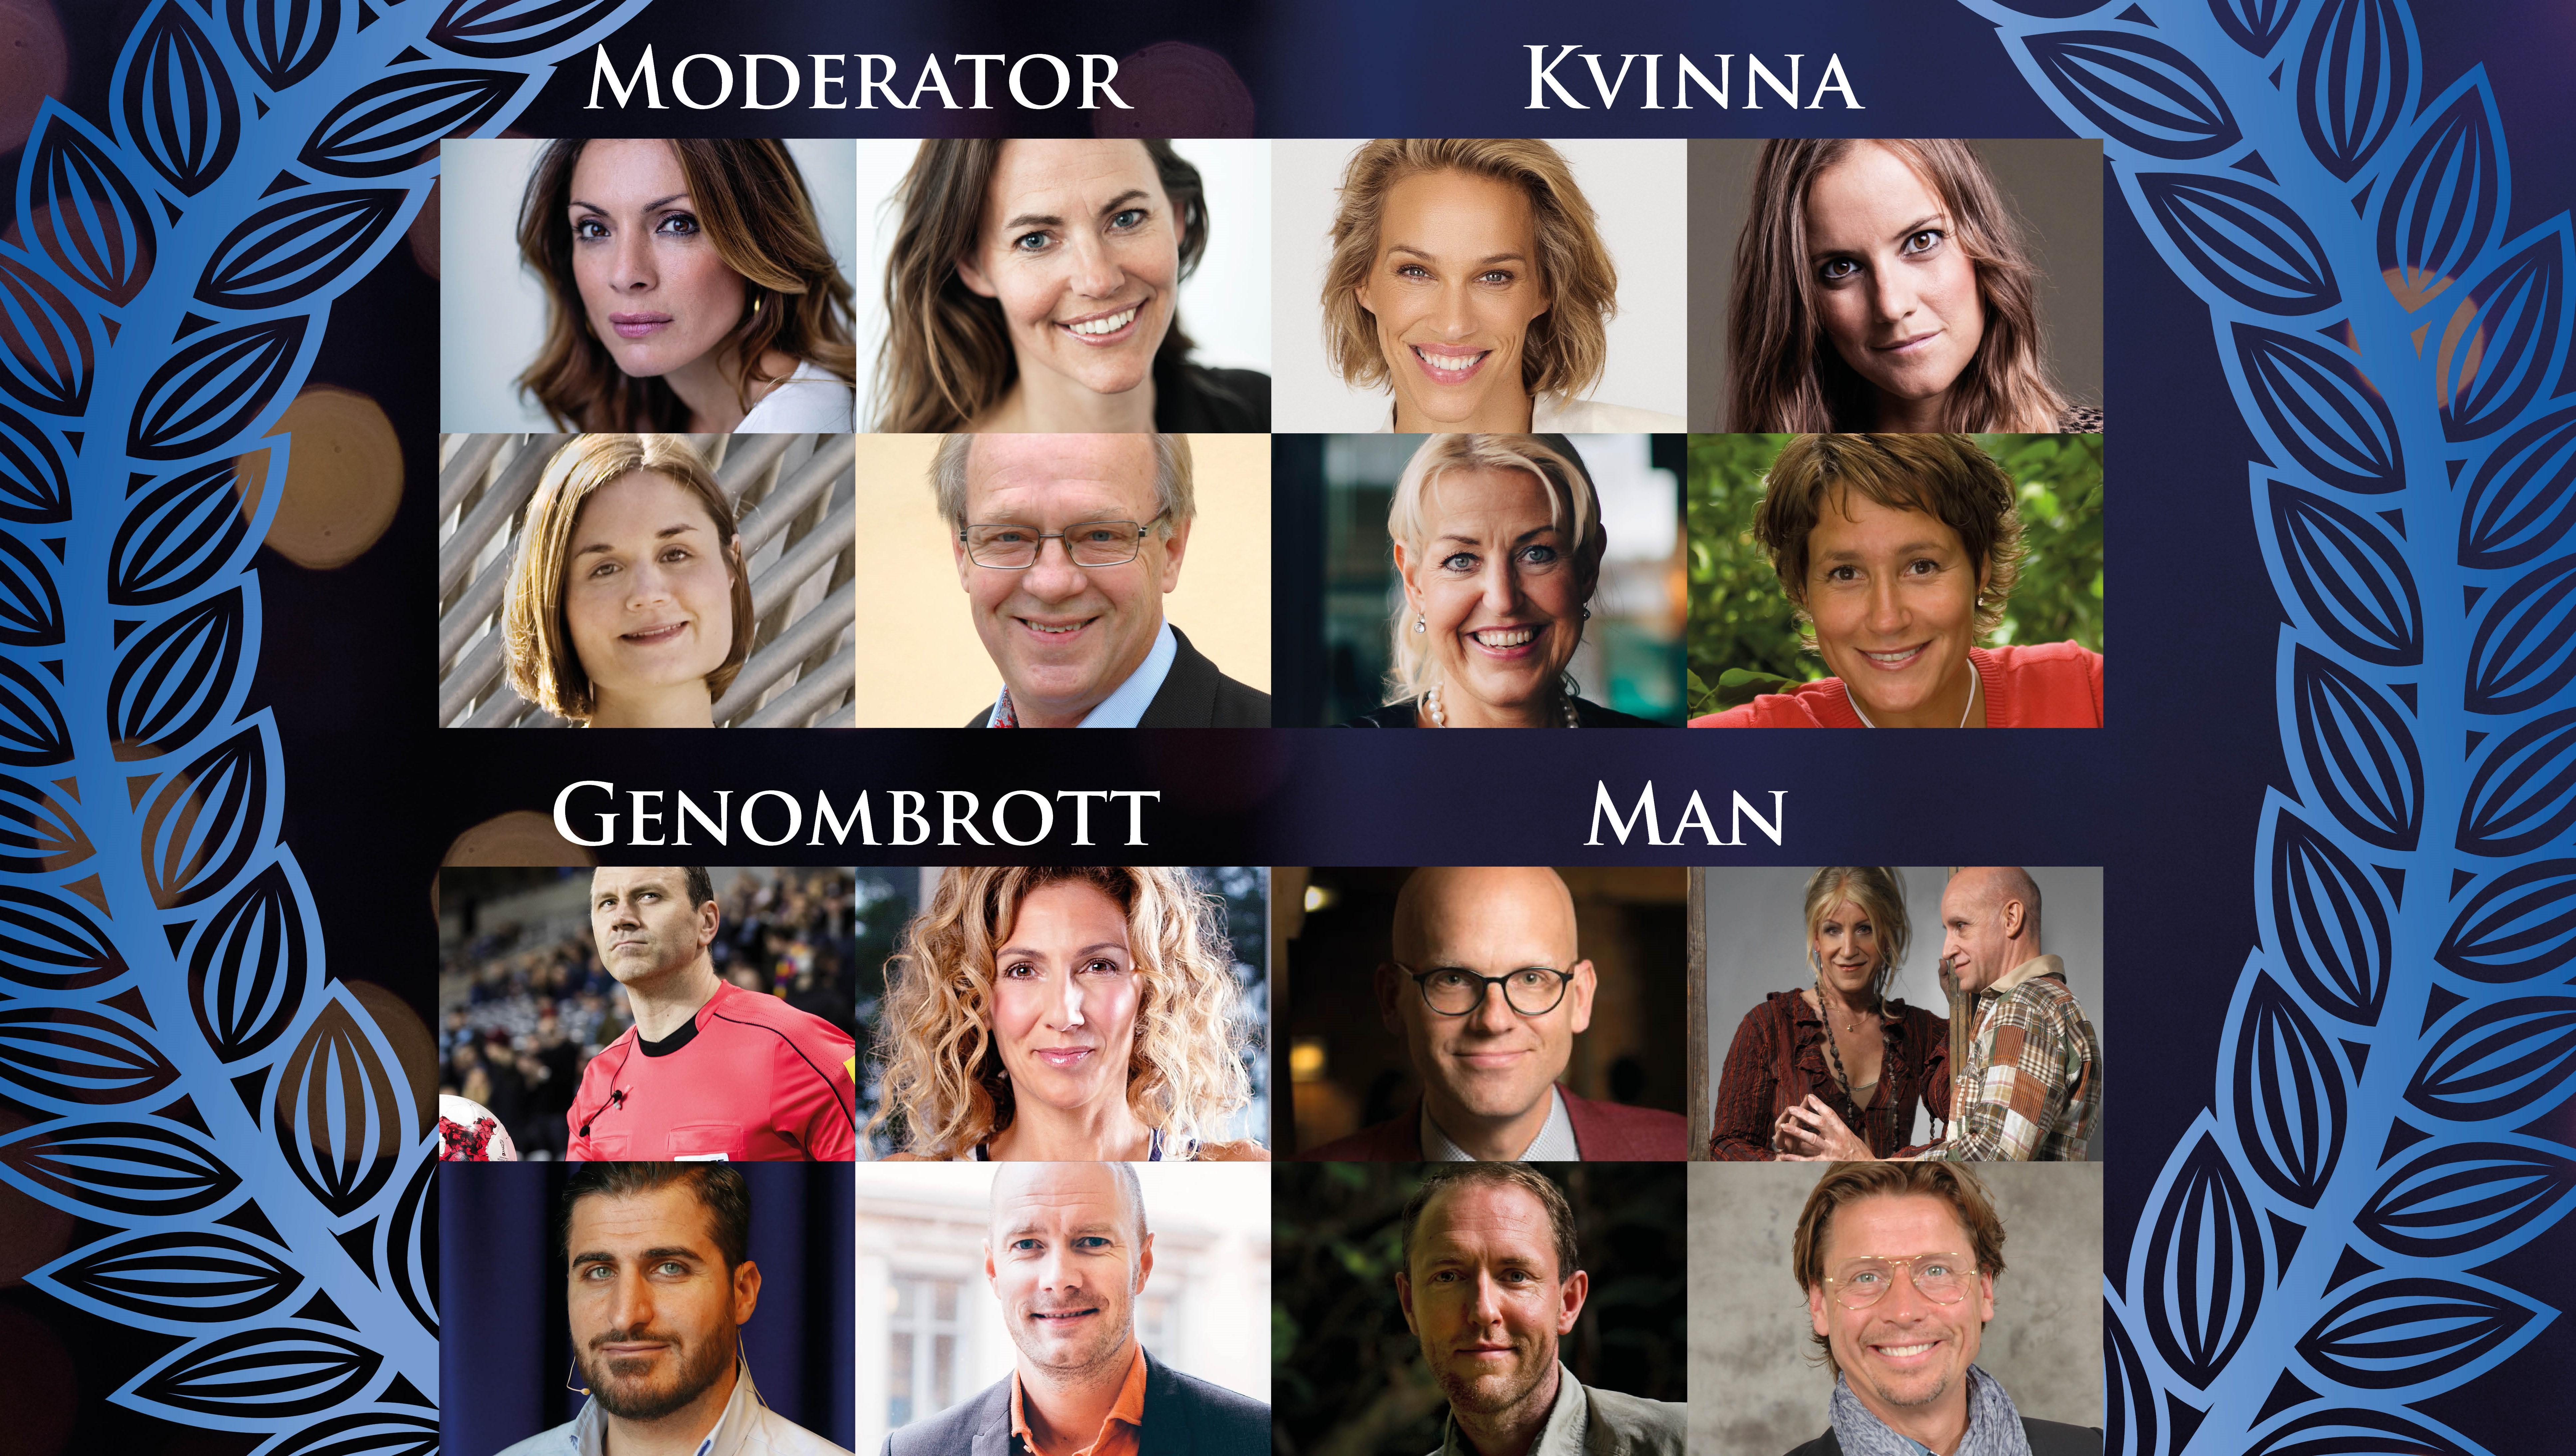 Sveriges basta webbplats utses